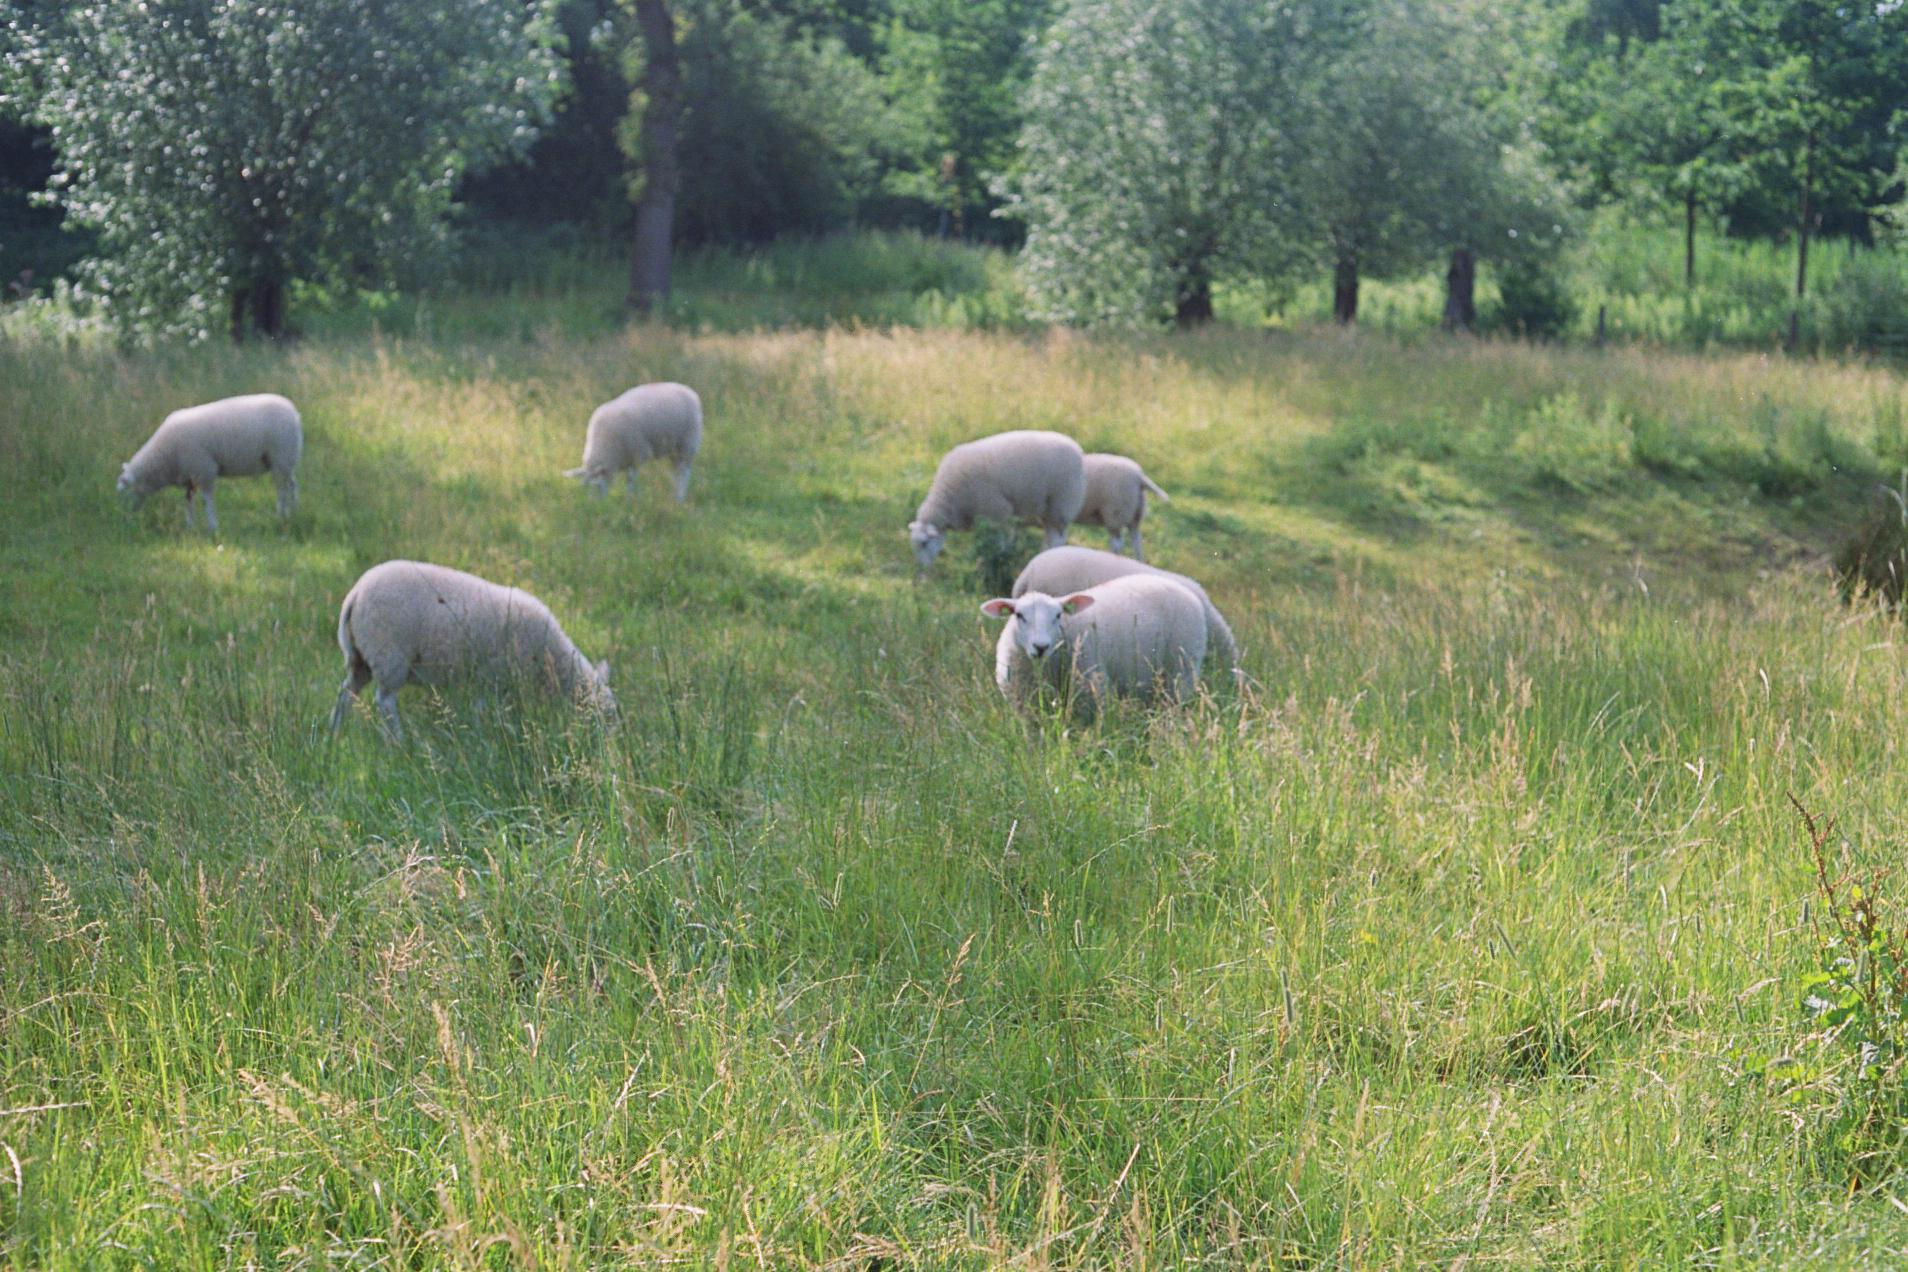 Sheep in Utrecht, Summer 2017